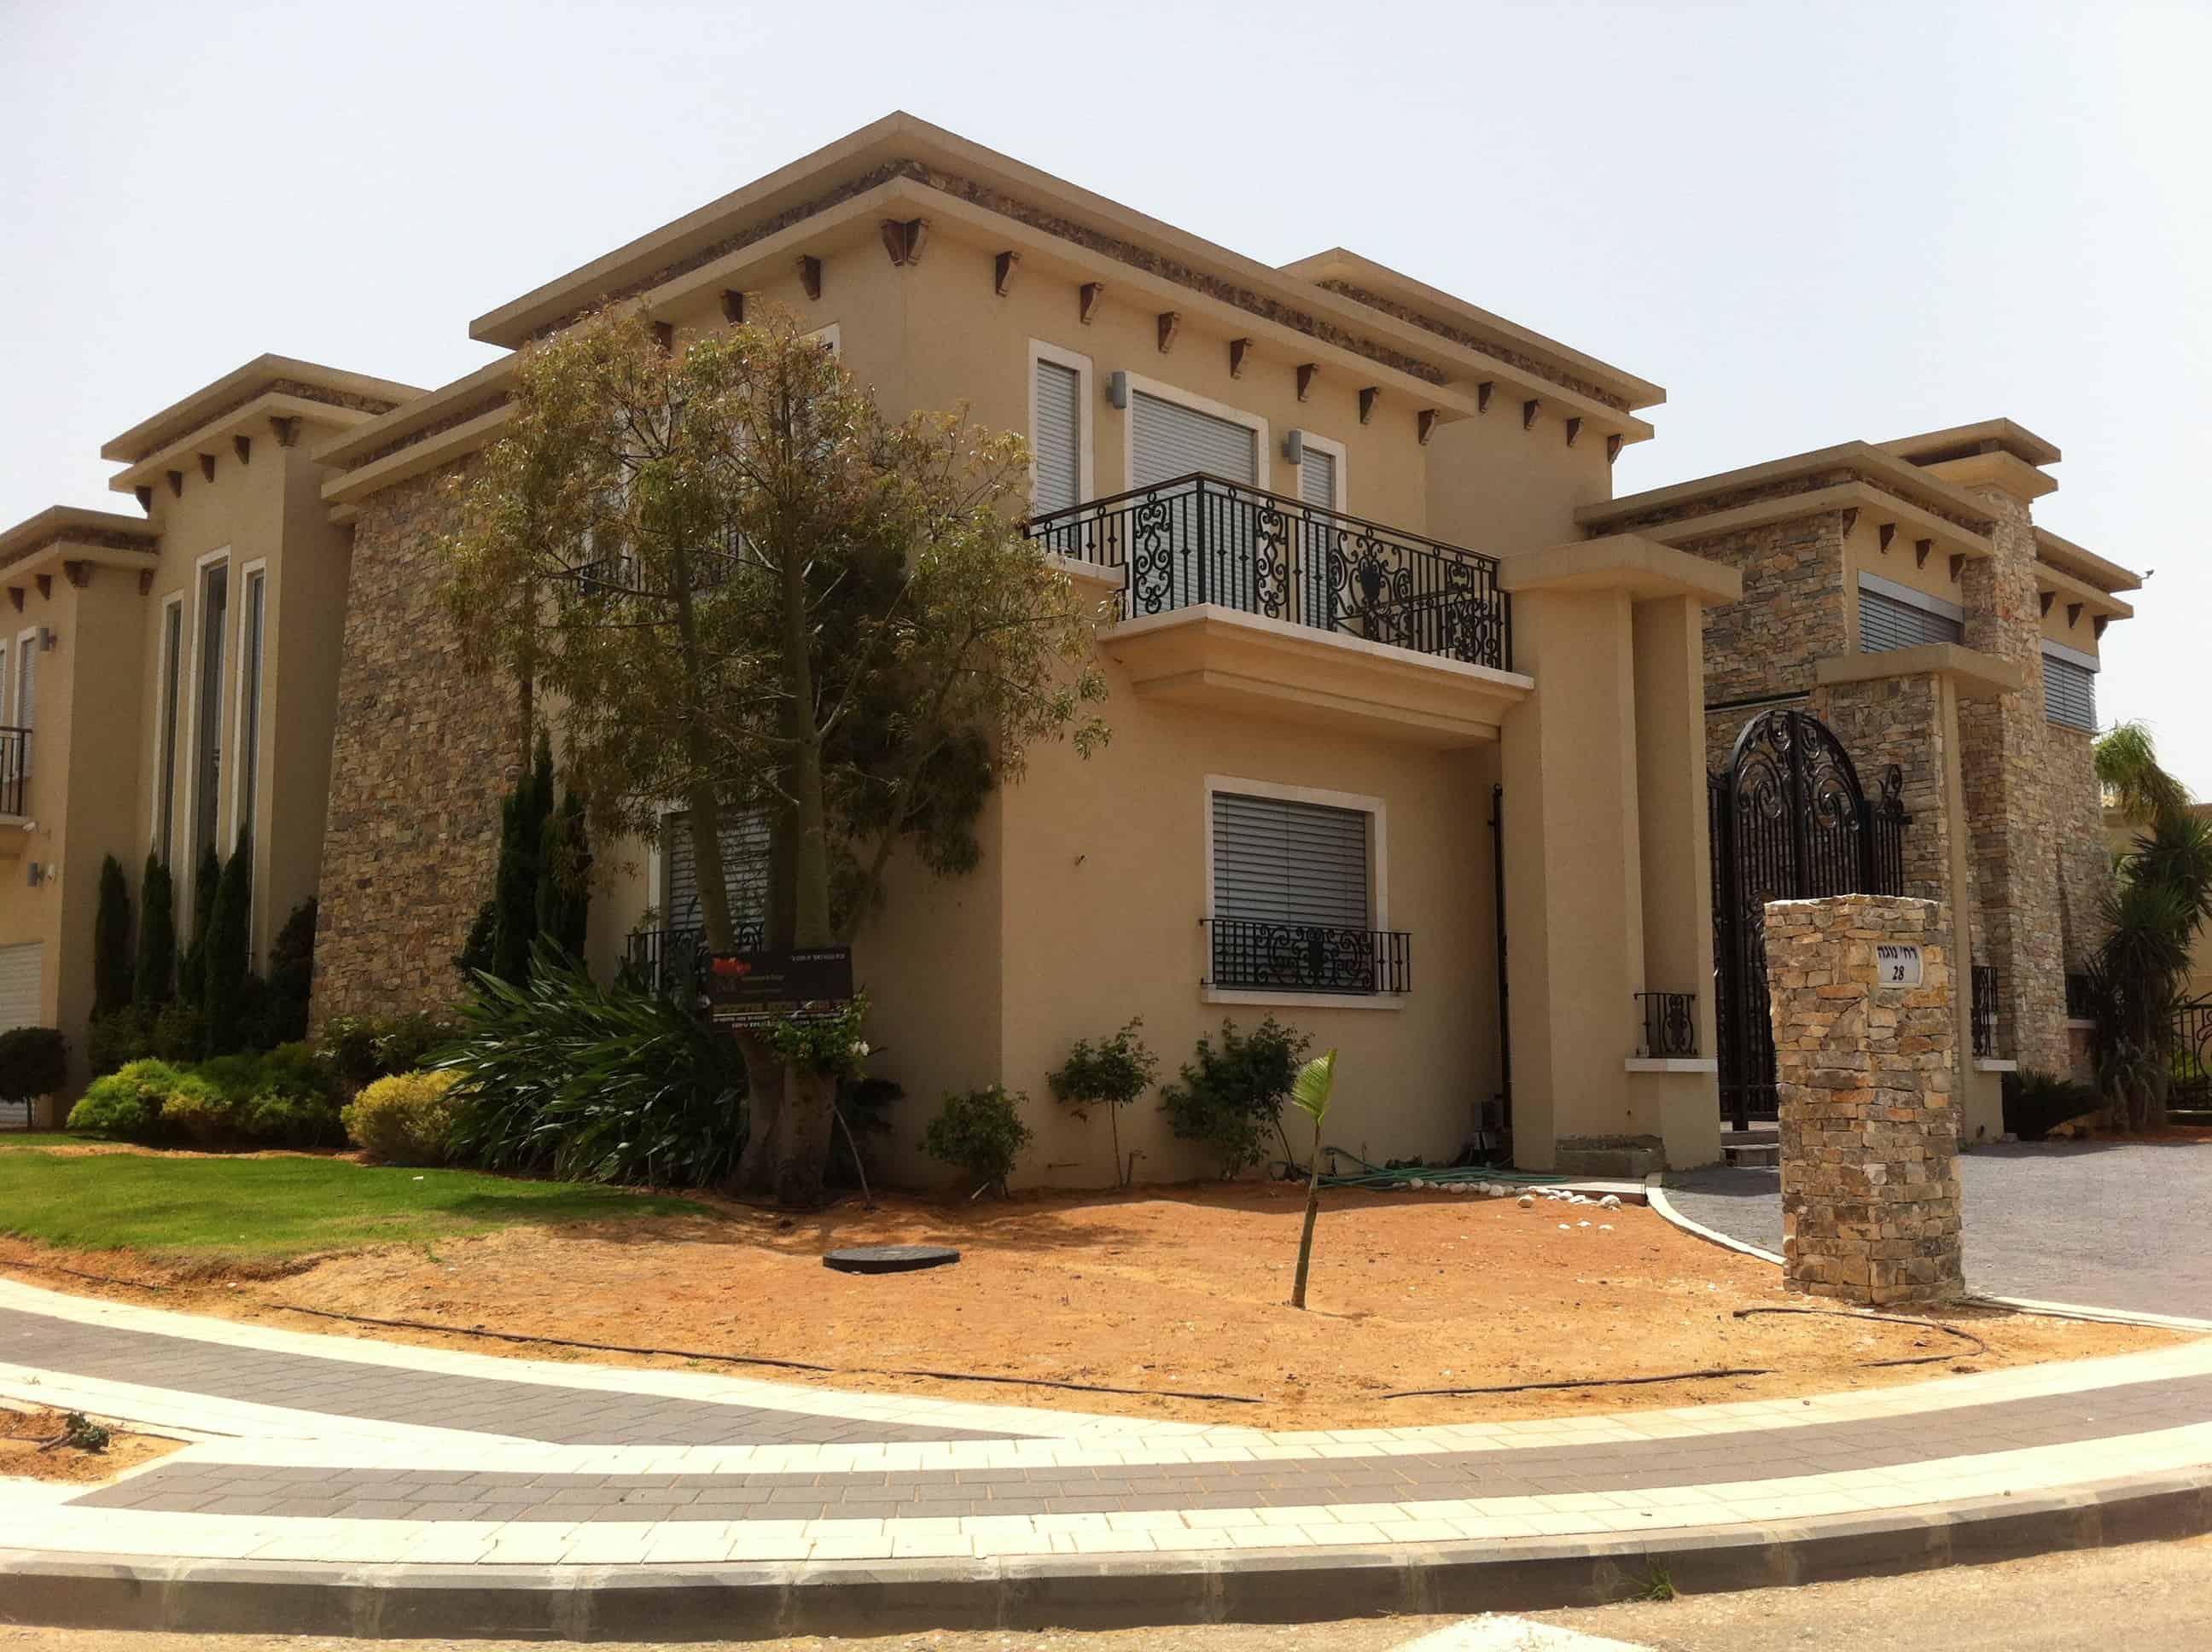 תוספת שיווק, ניהול נכסים | דירות | בתים | פרויקטים | בתי יוקרה | מגורי GE-12